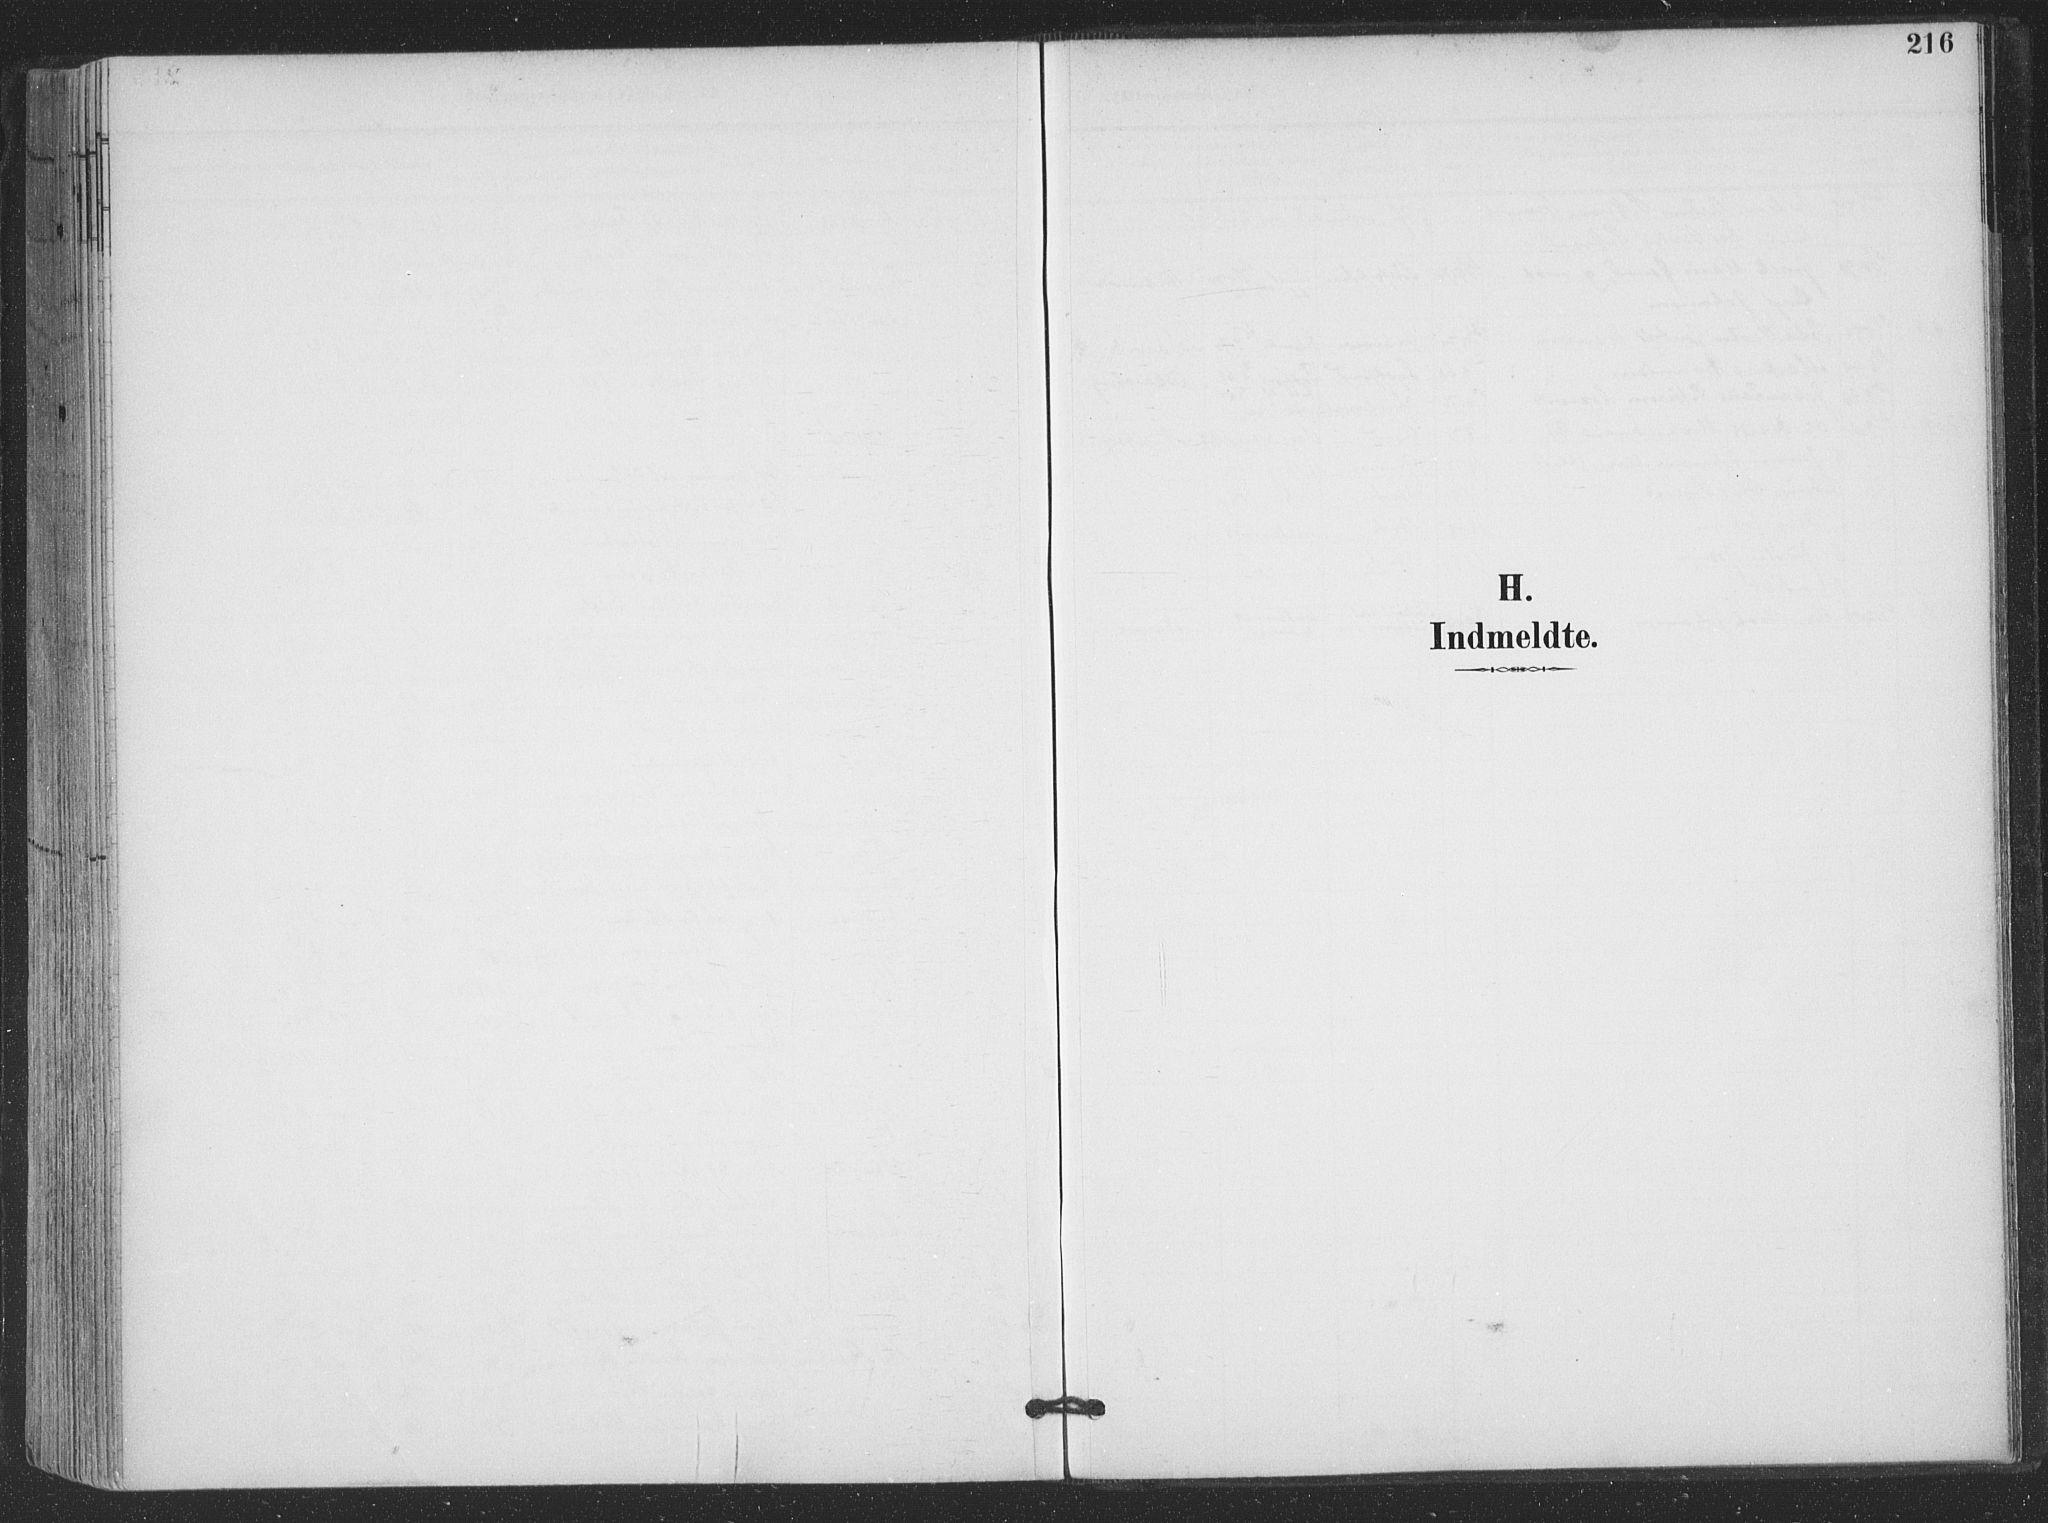 SAT, Ministerialprotokoller, klokkerbøker og fødselsregistre - Nordland, 866/L0939: Parish register (official) no. 866A02, 1894-1906, p. 216